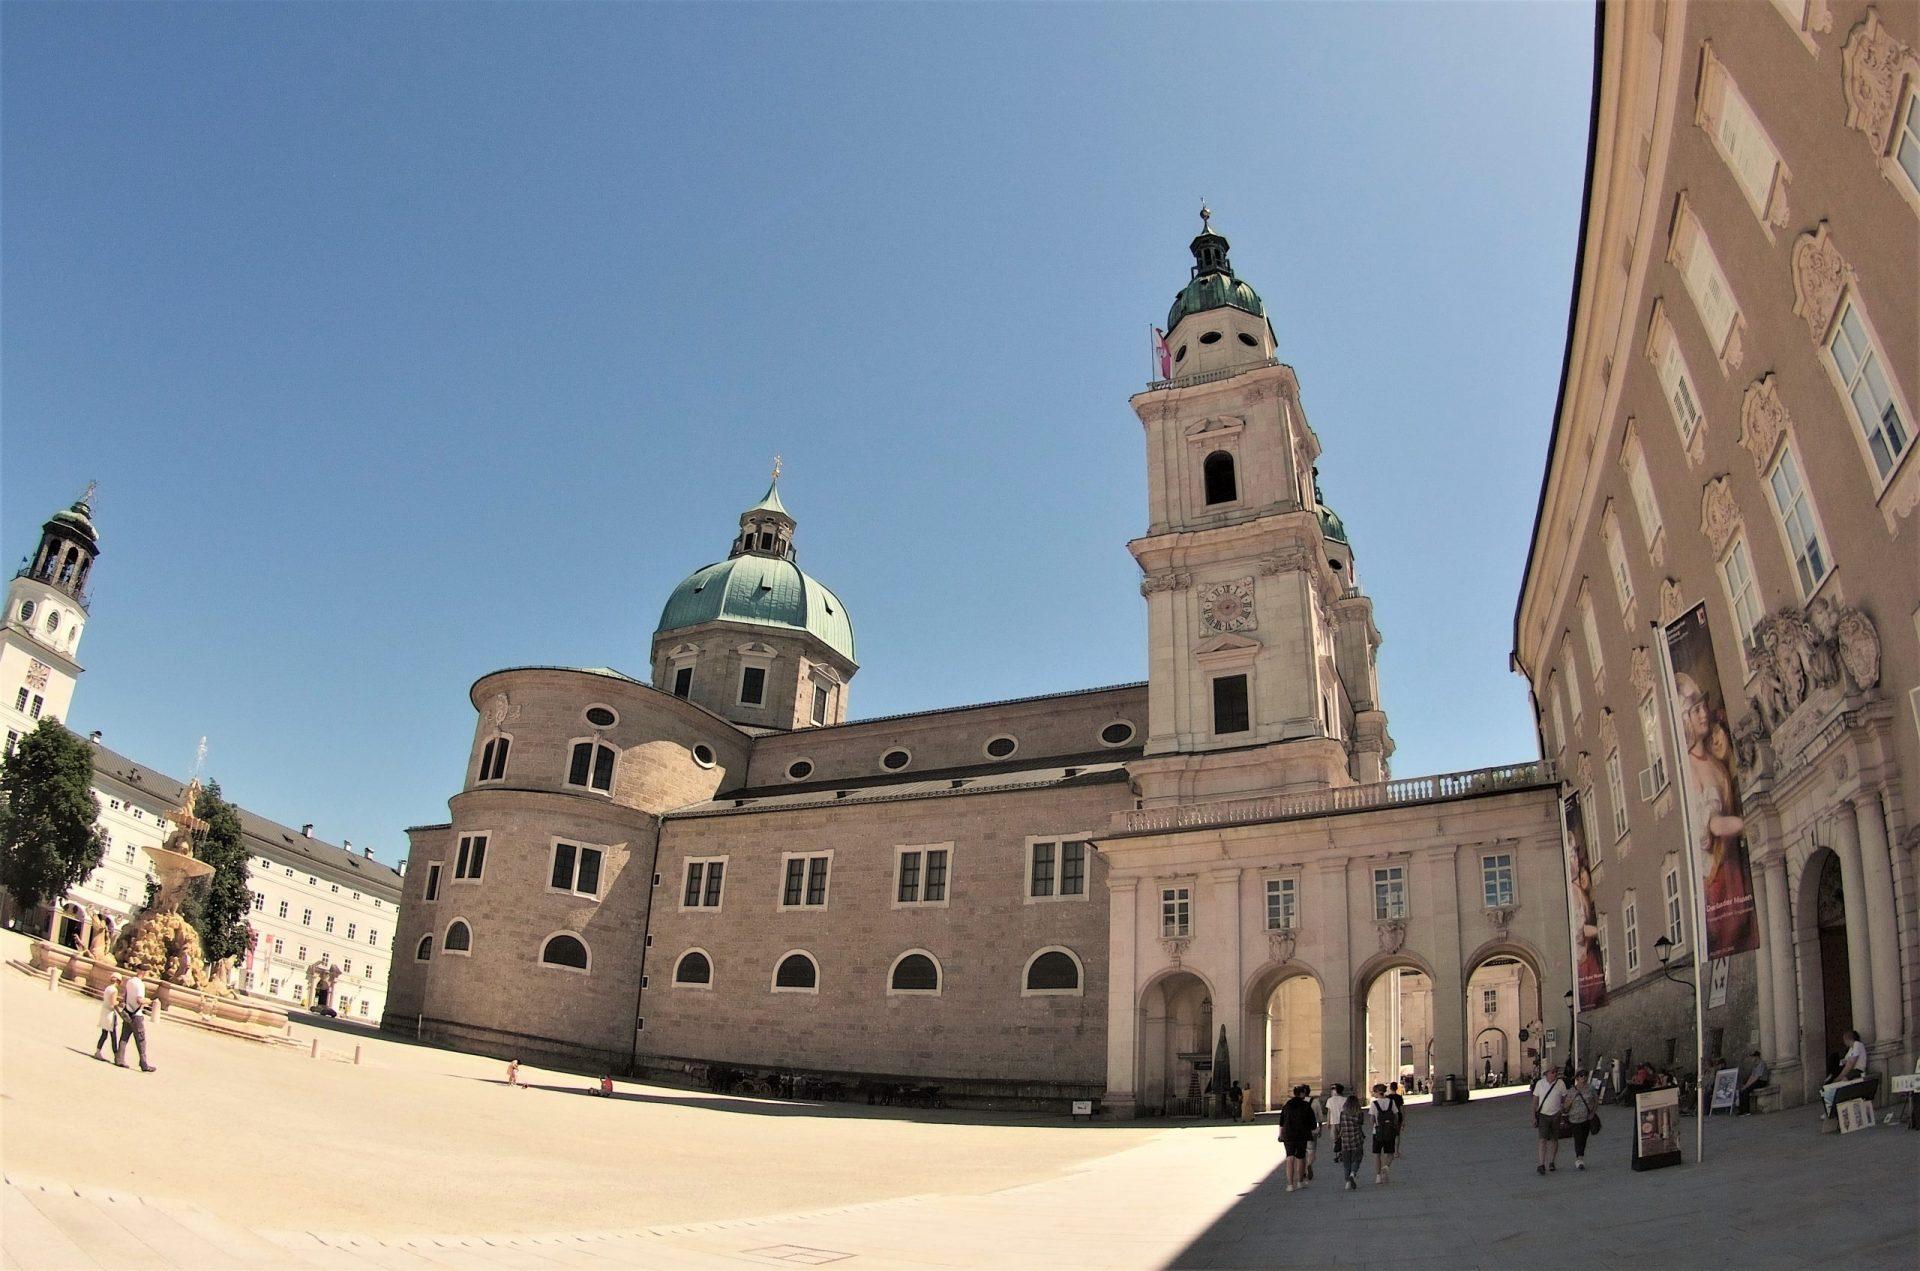 Собор святых Руперта и Виргилия, Зальцбург, Австрия.